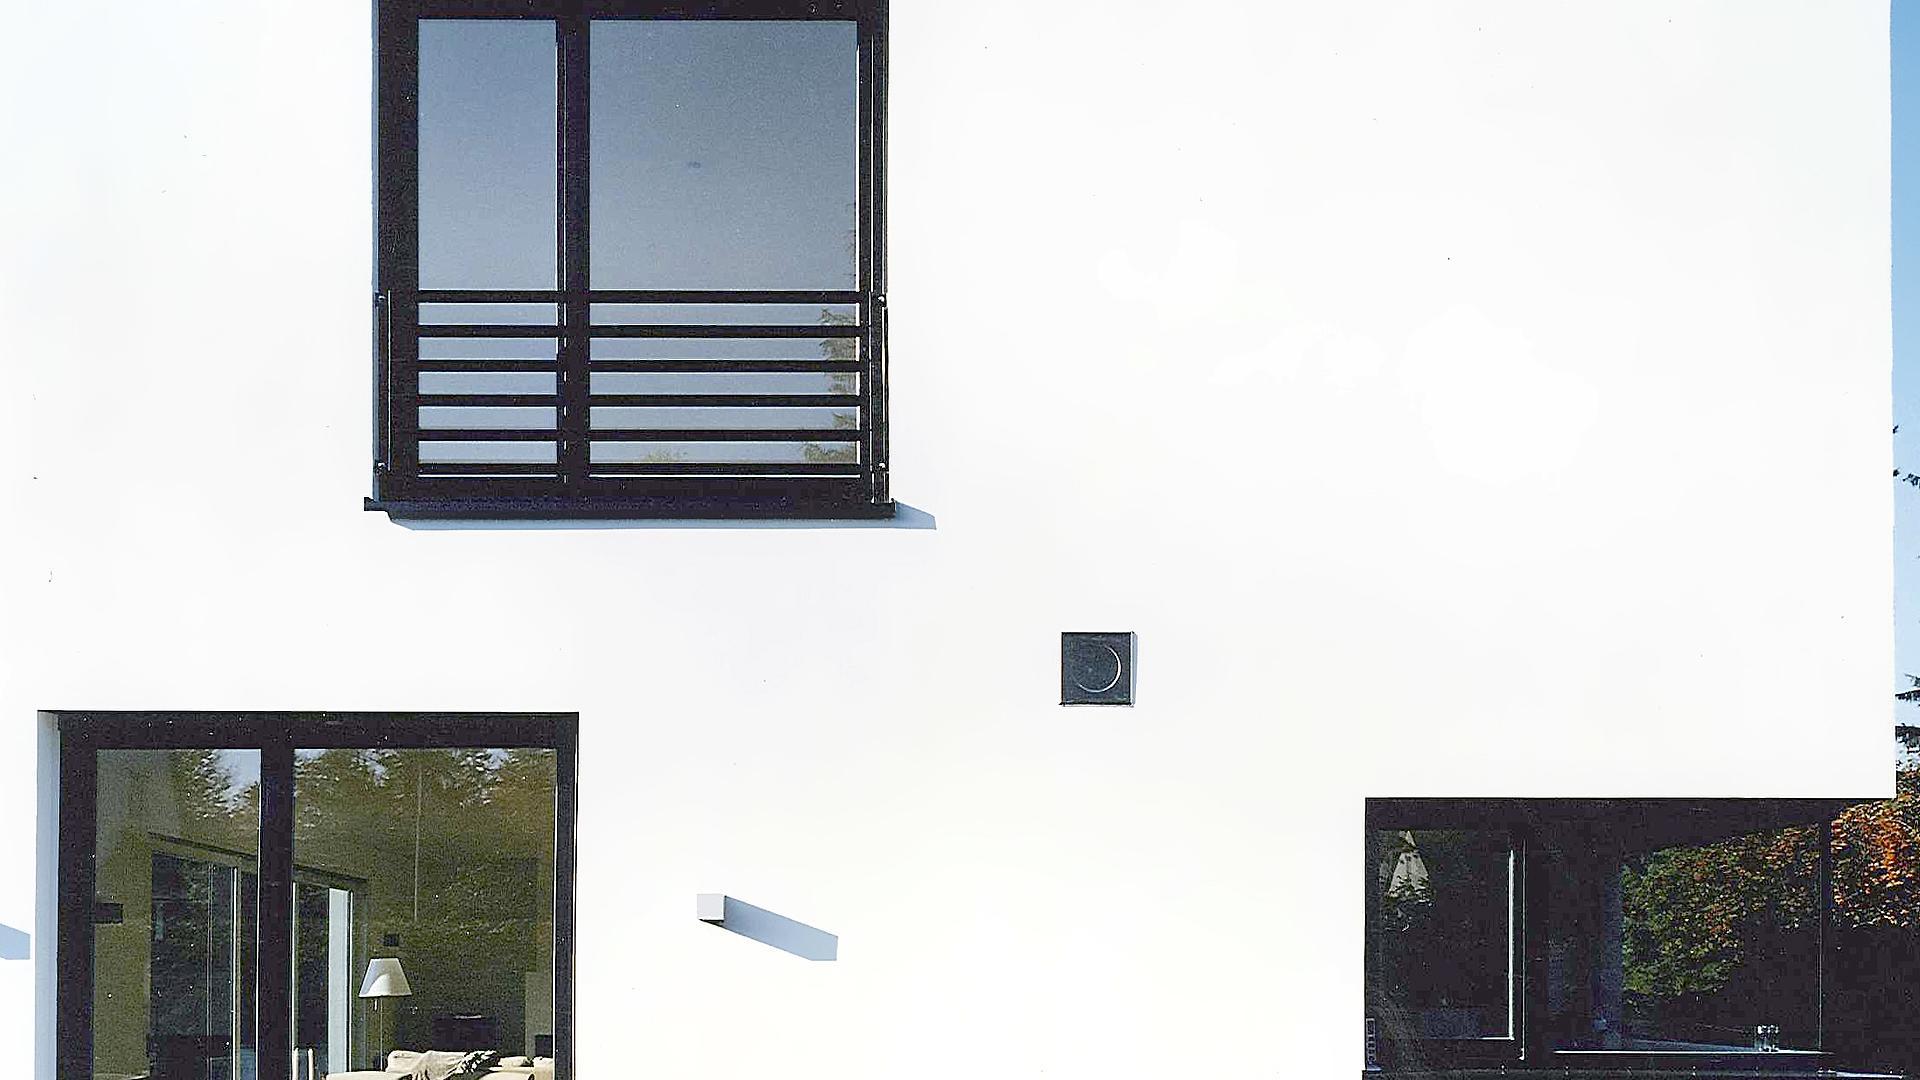 neuerrichtung planung und neubau einfamilienhaus stadthaus mit carport. Black Bedroom Furniture Sets. Home Design Ideas